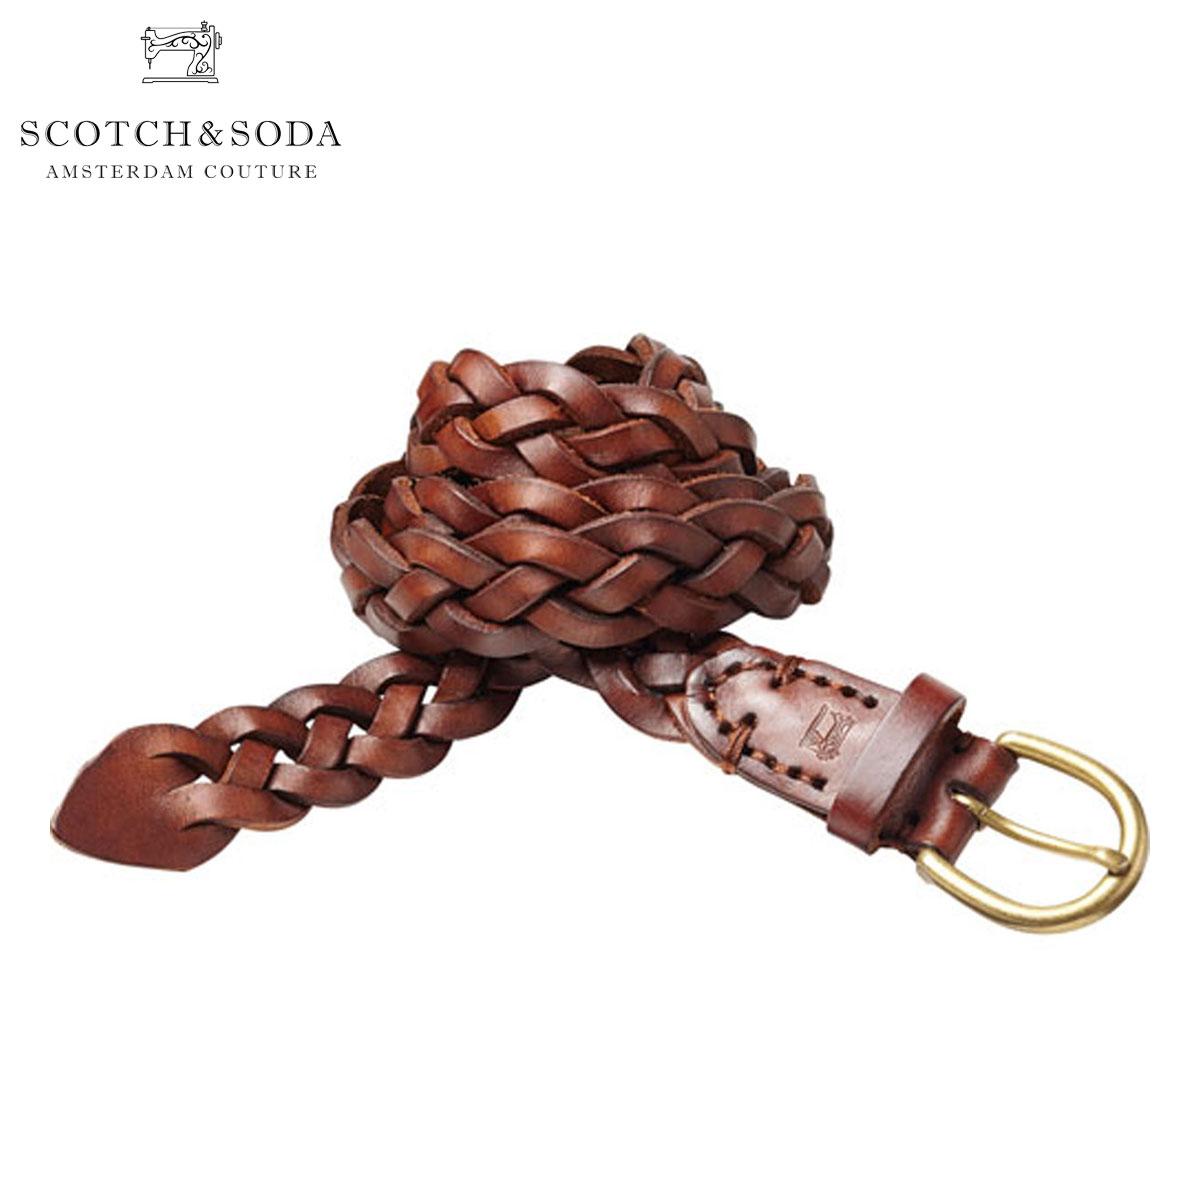 【ポイント10倍 6/4 20:00~6/11 01:59まで】 スコッチアンドソーダ SCOTCH&SODA 正規販売店 メンズ ベルト Woven wax leather belt 76154 82 D15S25 父の日